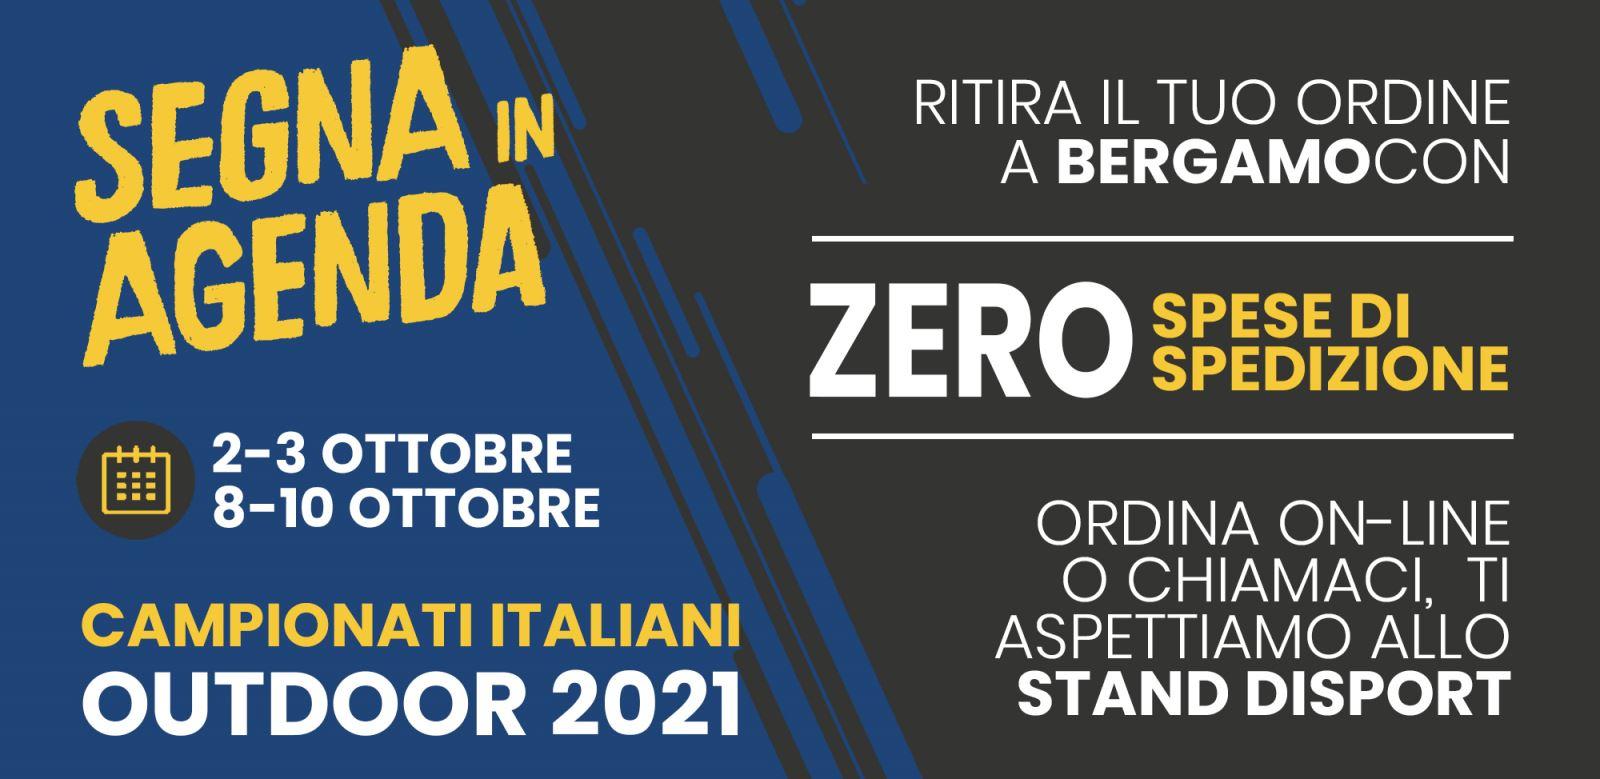 Siamo Presenti Campionati Italiani Bergamo